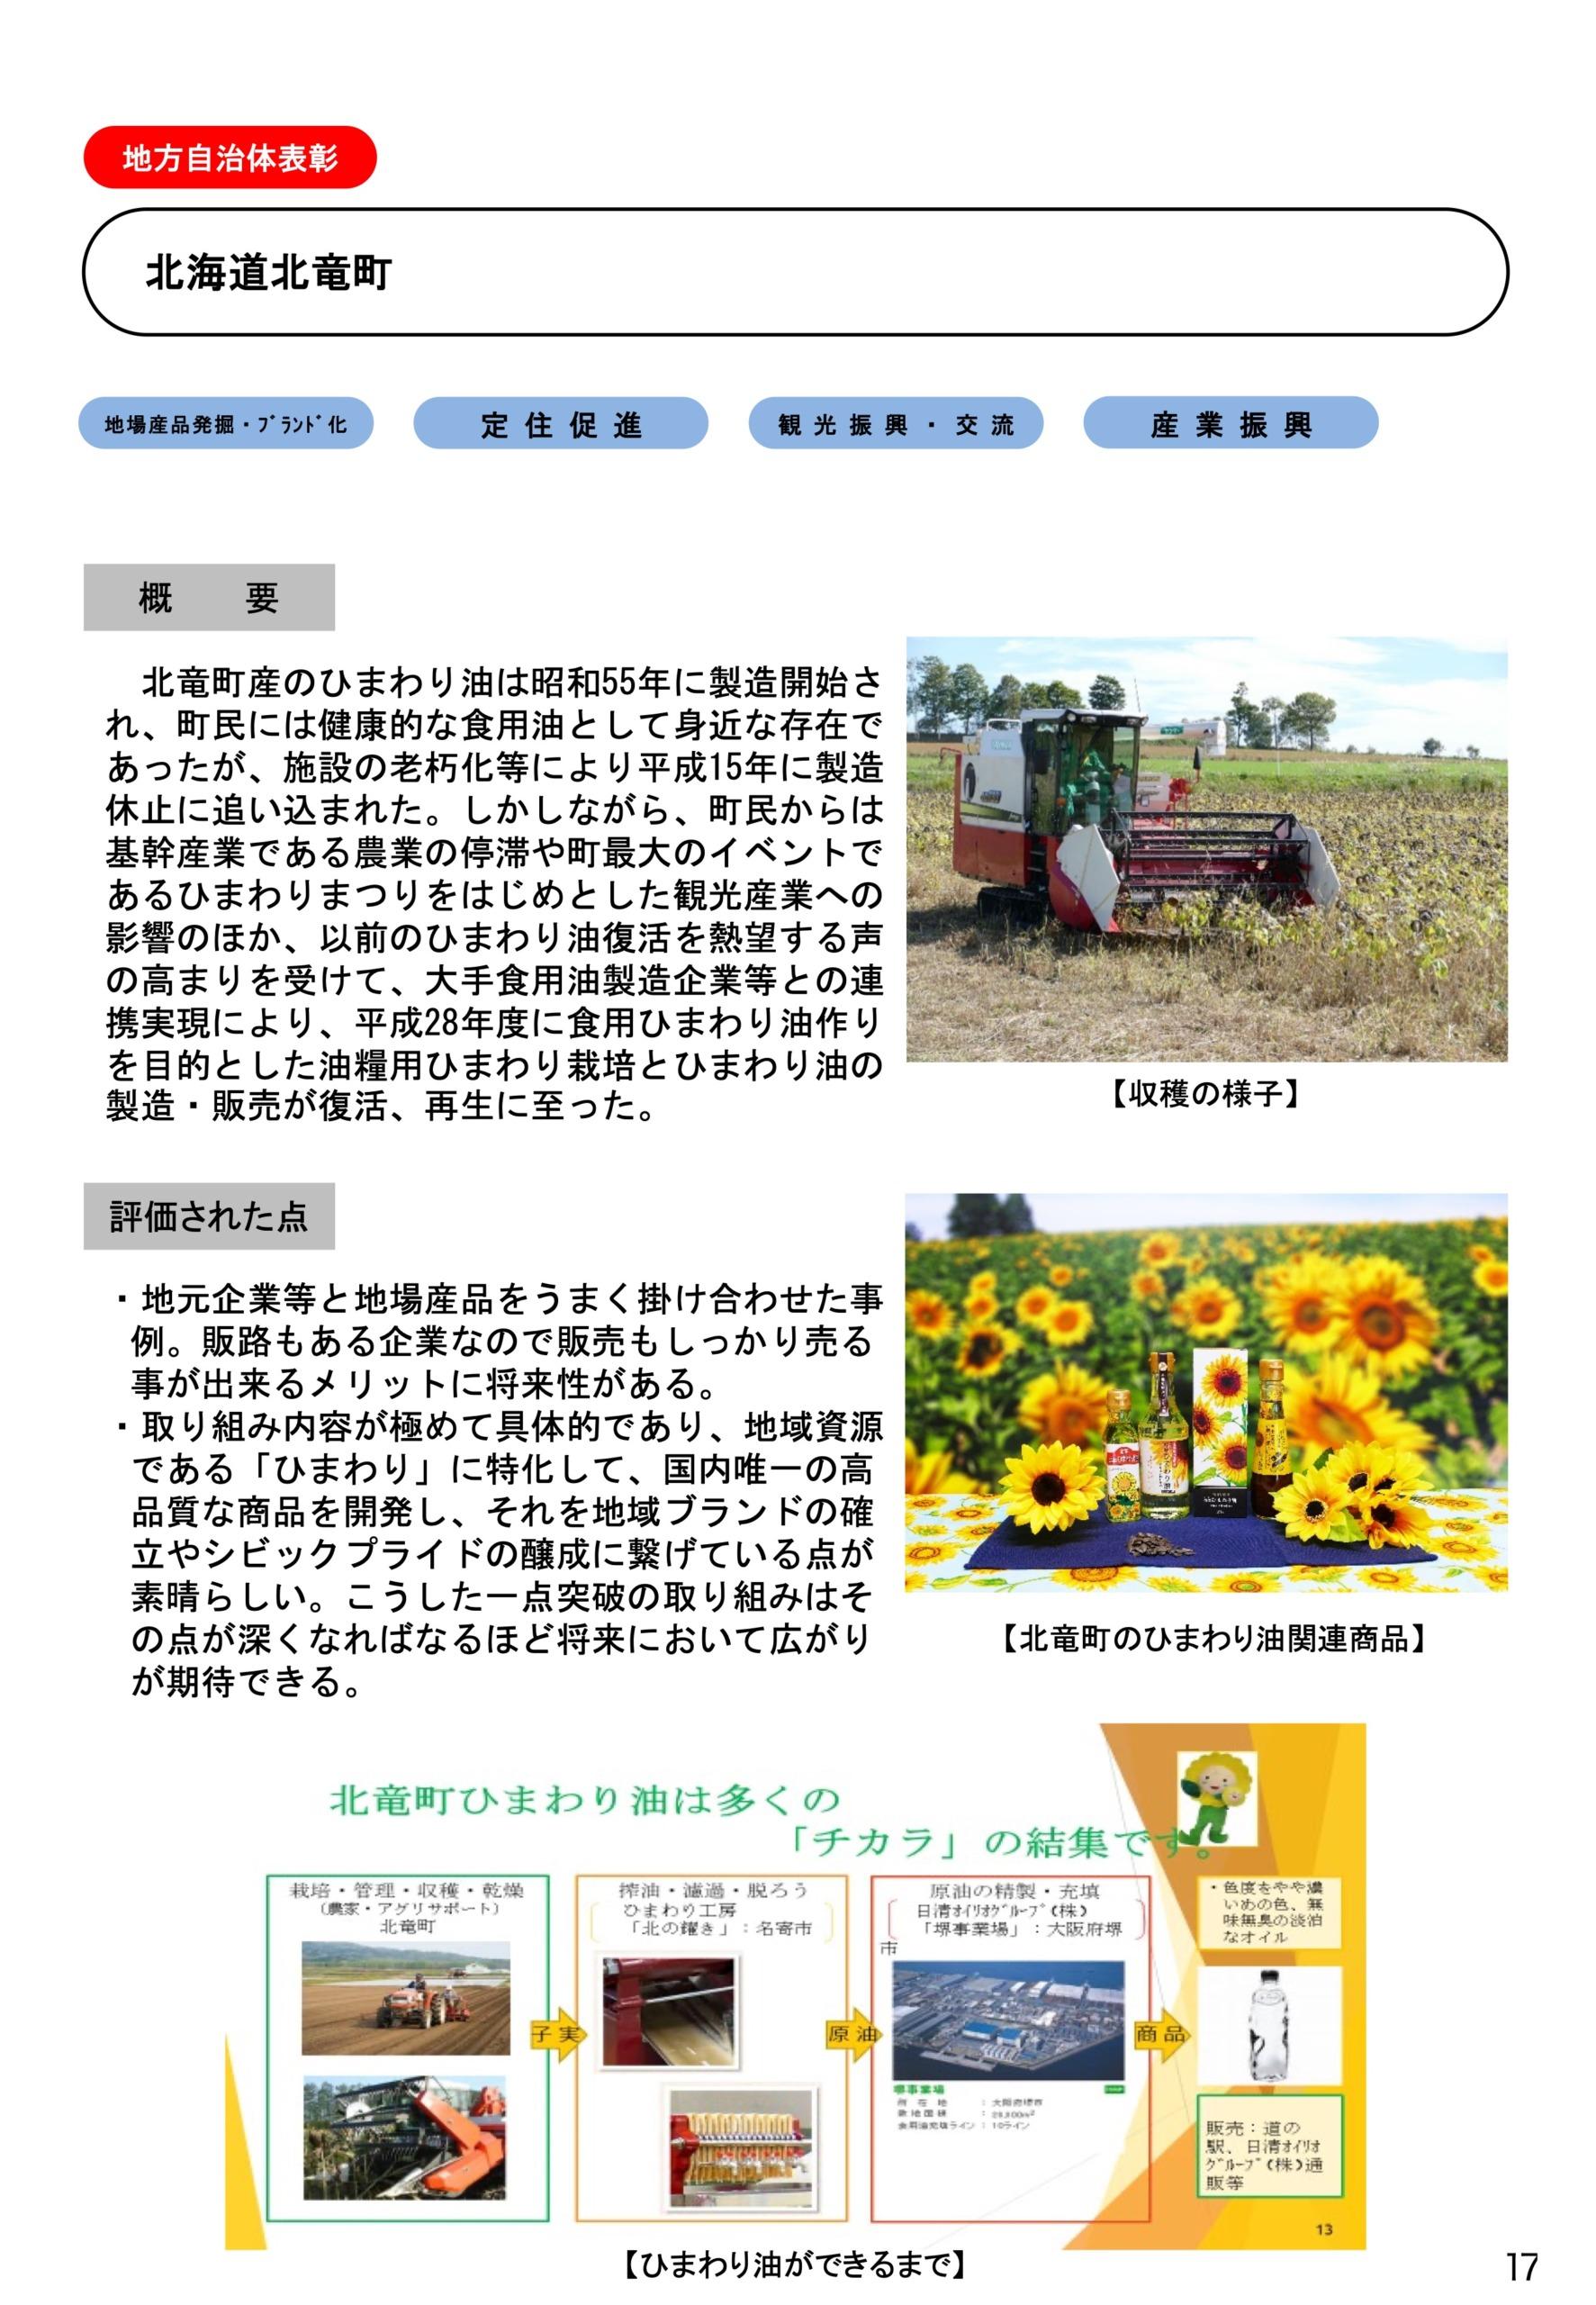 詳細資料(PDF)令和2年度ふるさとづくり大賞受賞・北竜町